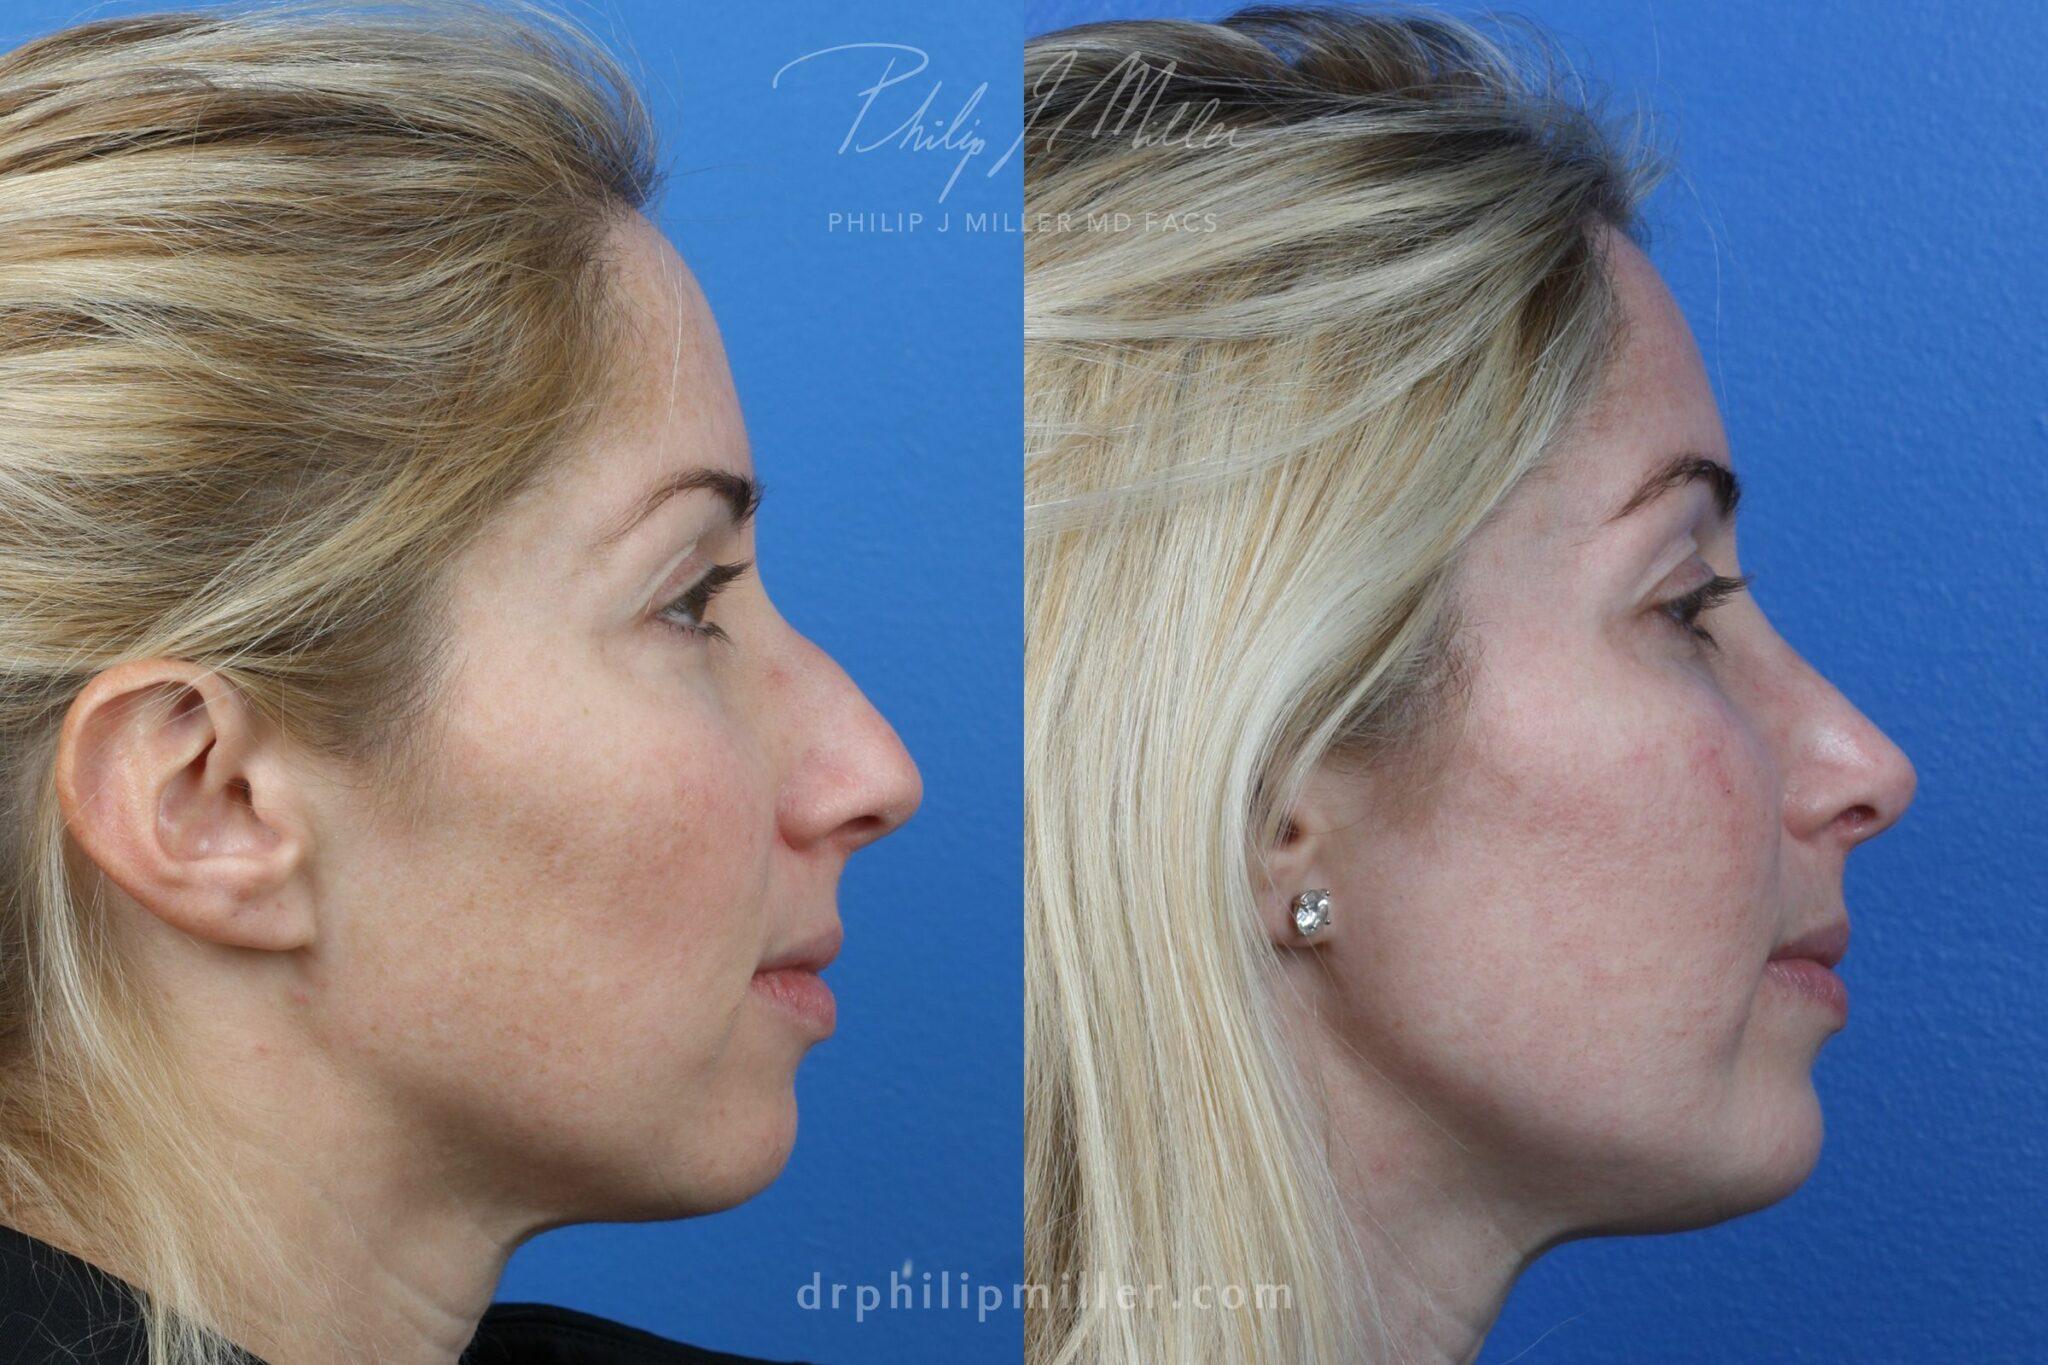 Rhinoplasty to straighten nasal bridge by Dr. Miller